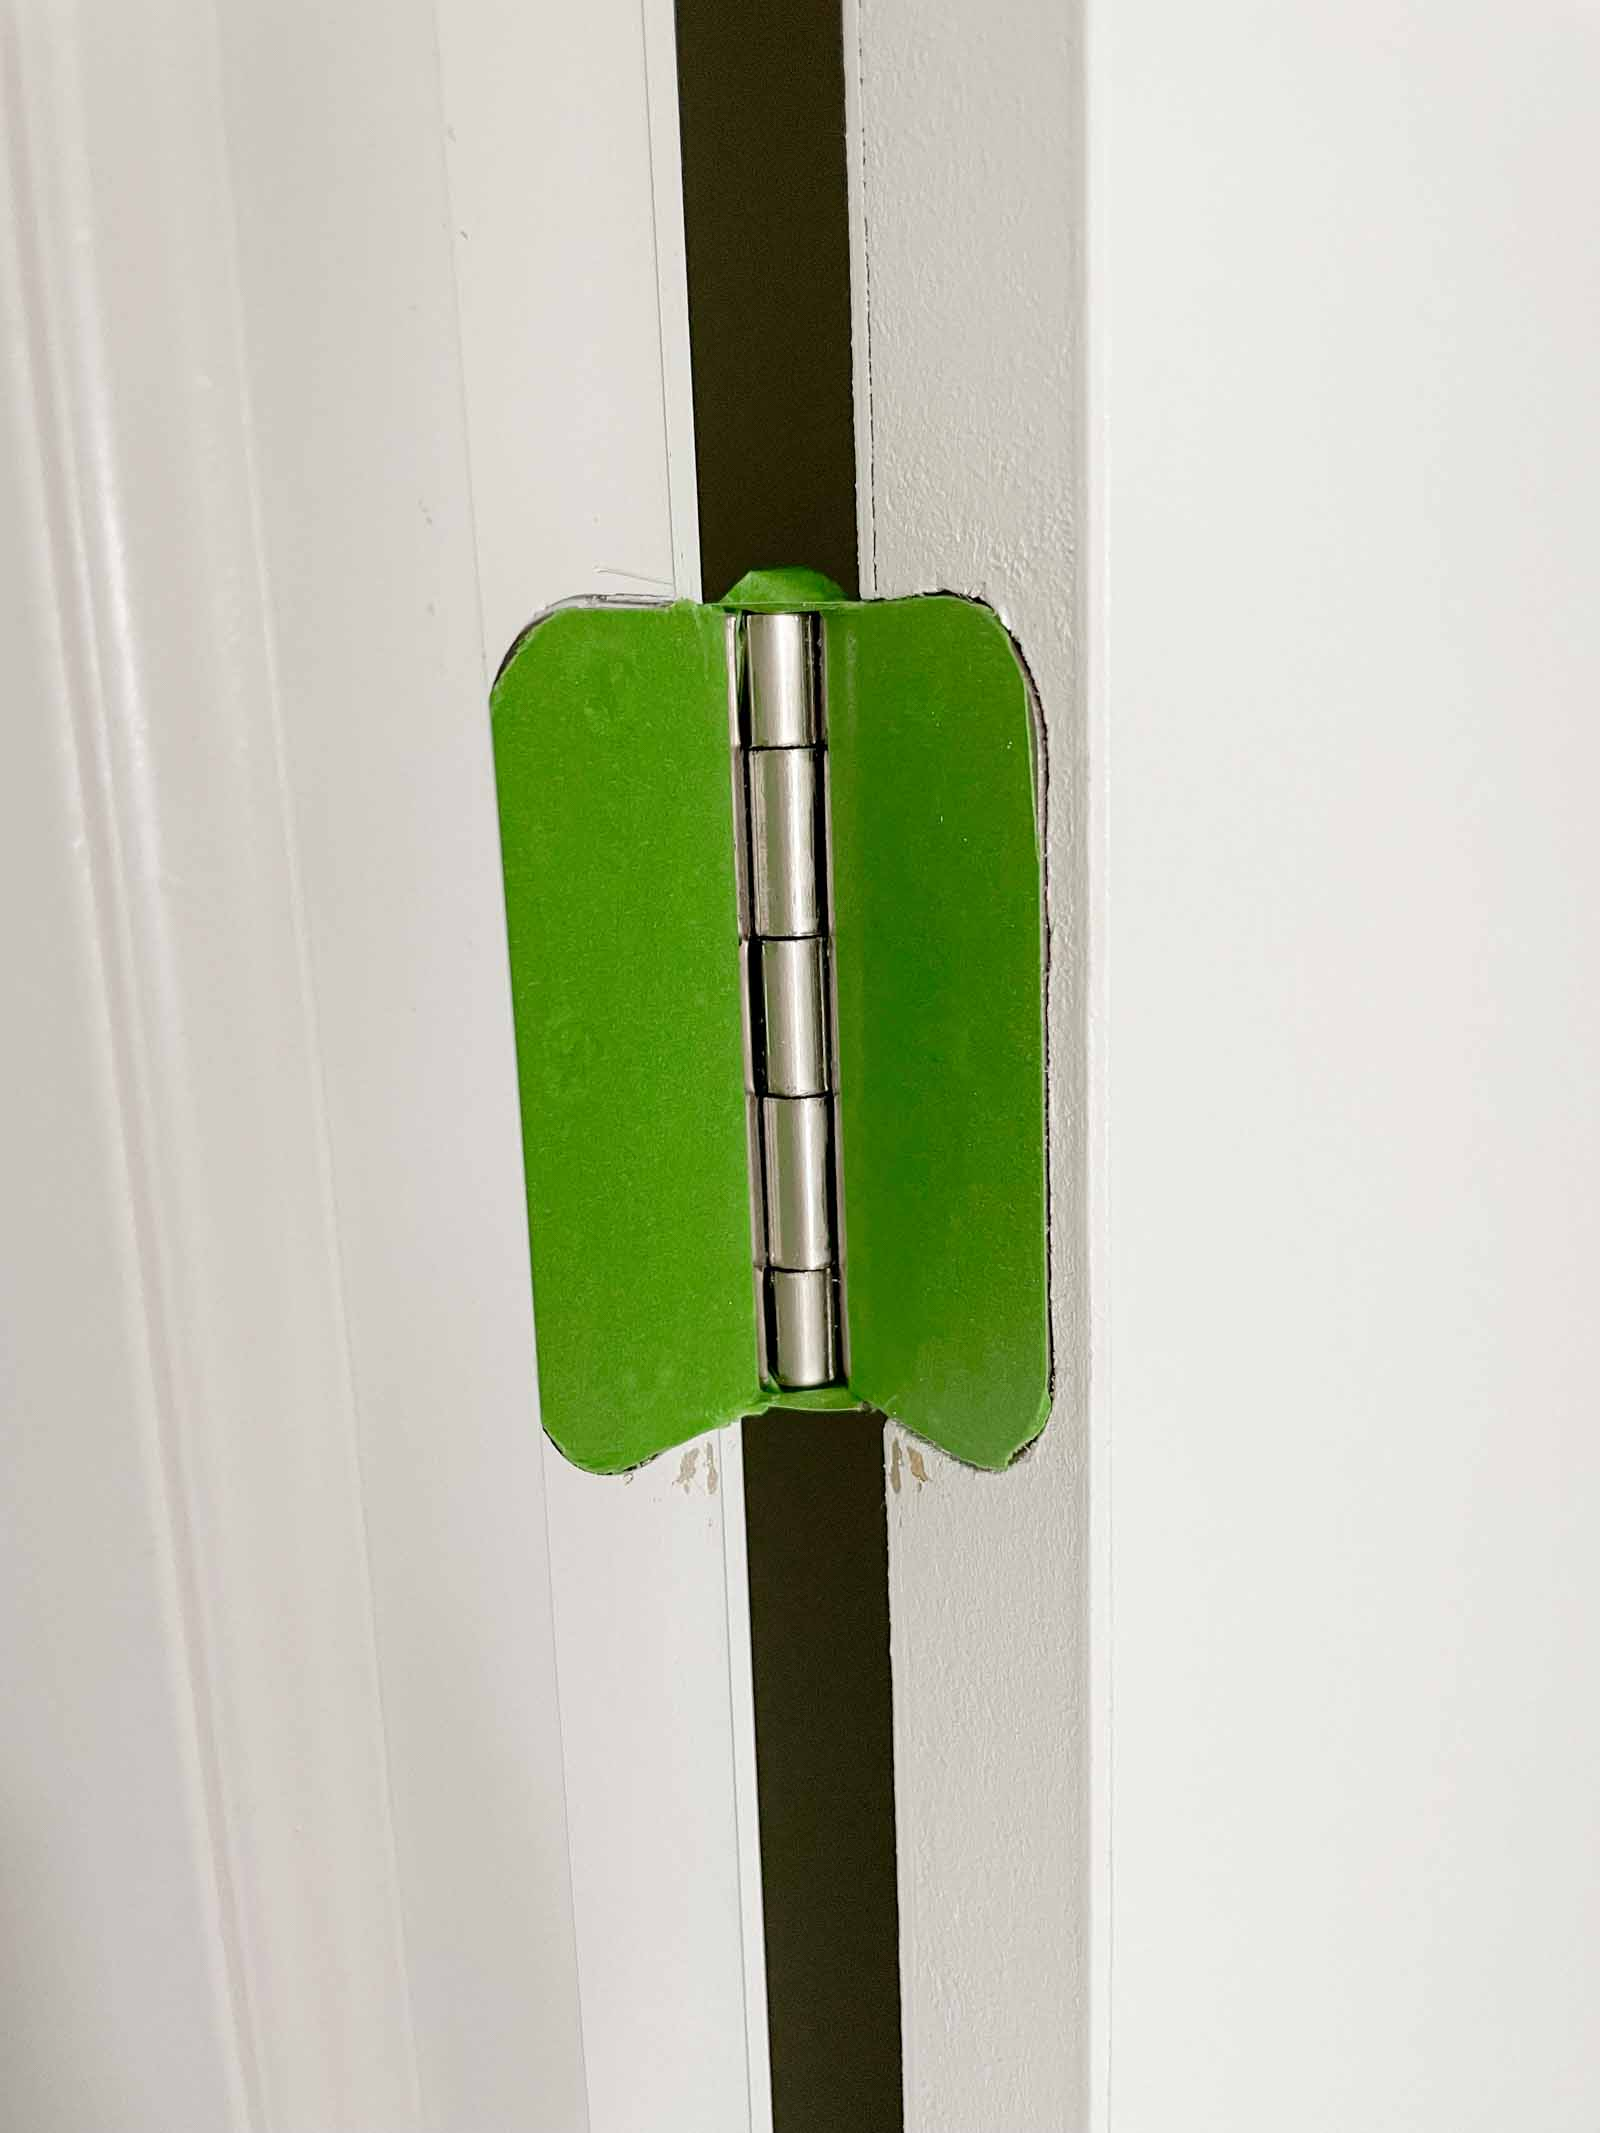 Painters tape covering door hinge, tips to paint interior doors